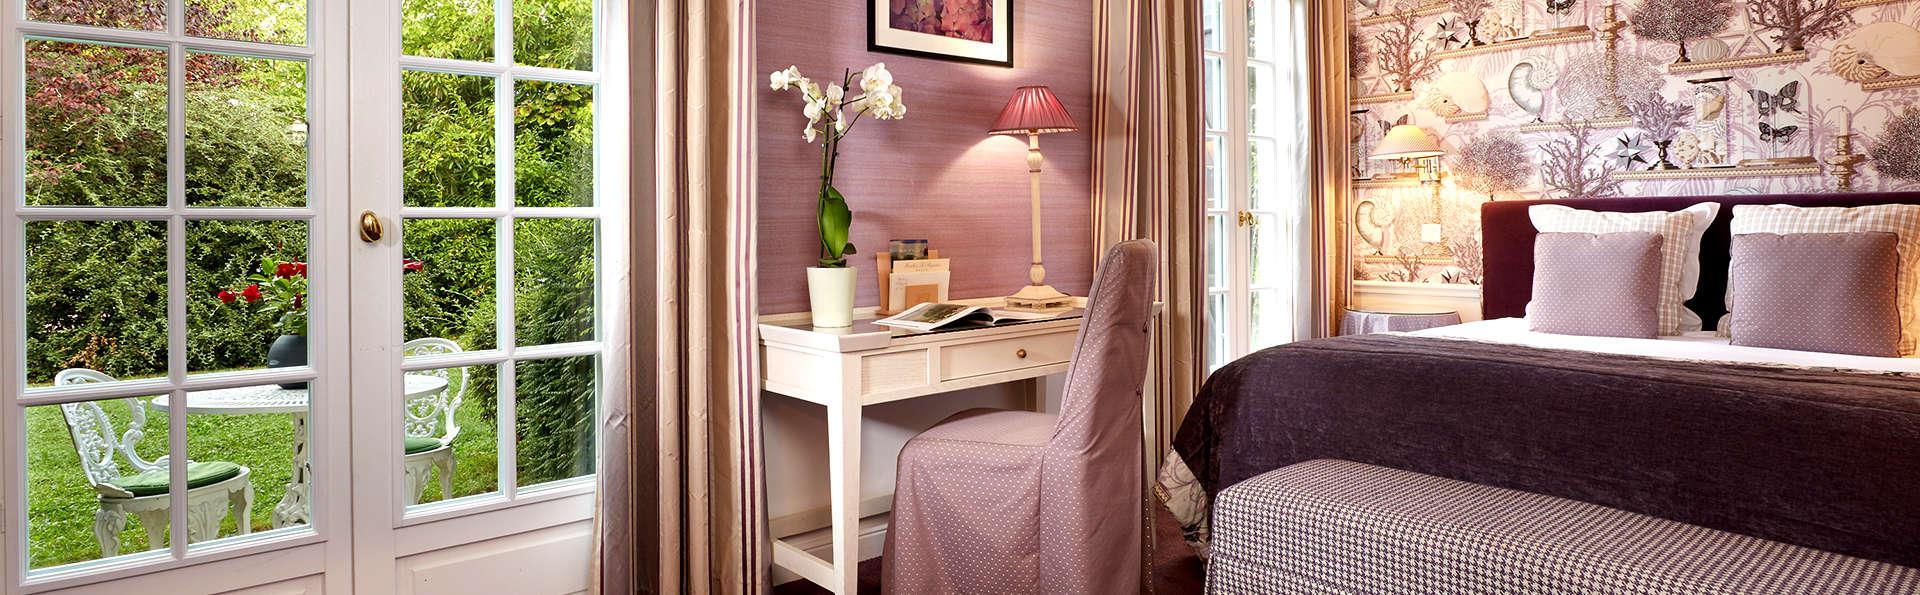 Hostellerie La Briqueterie - EDIT_NEW_ROOM4.jpg